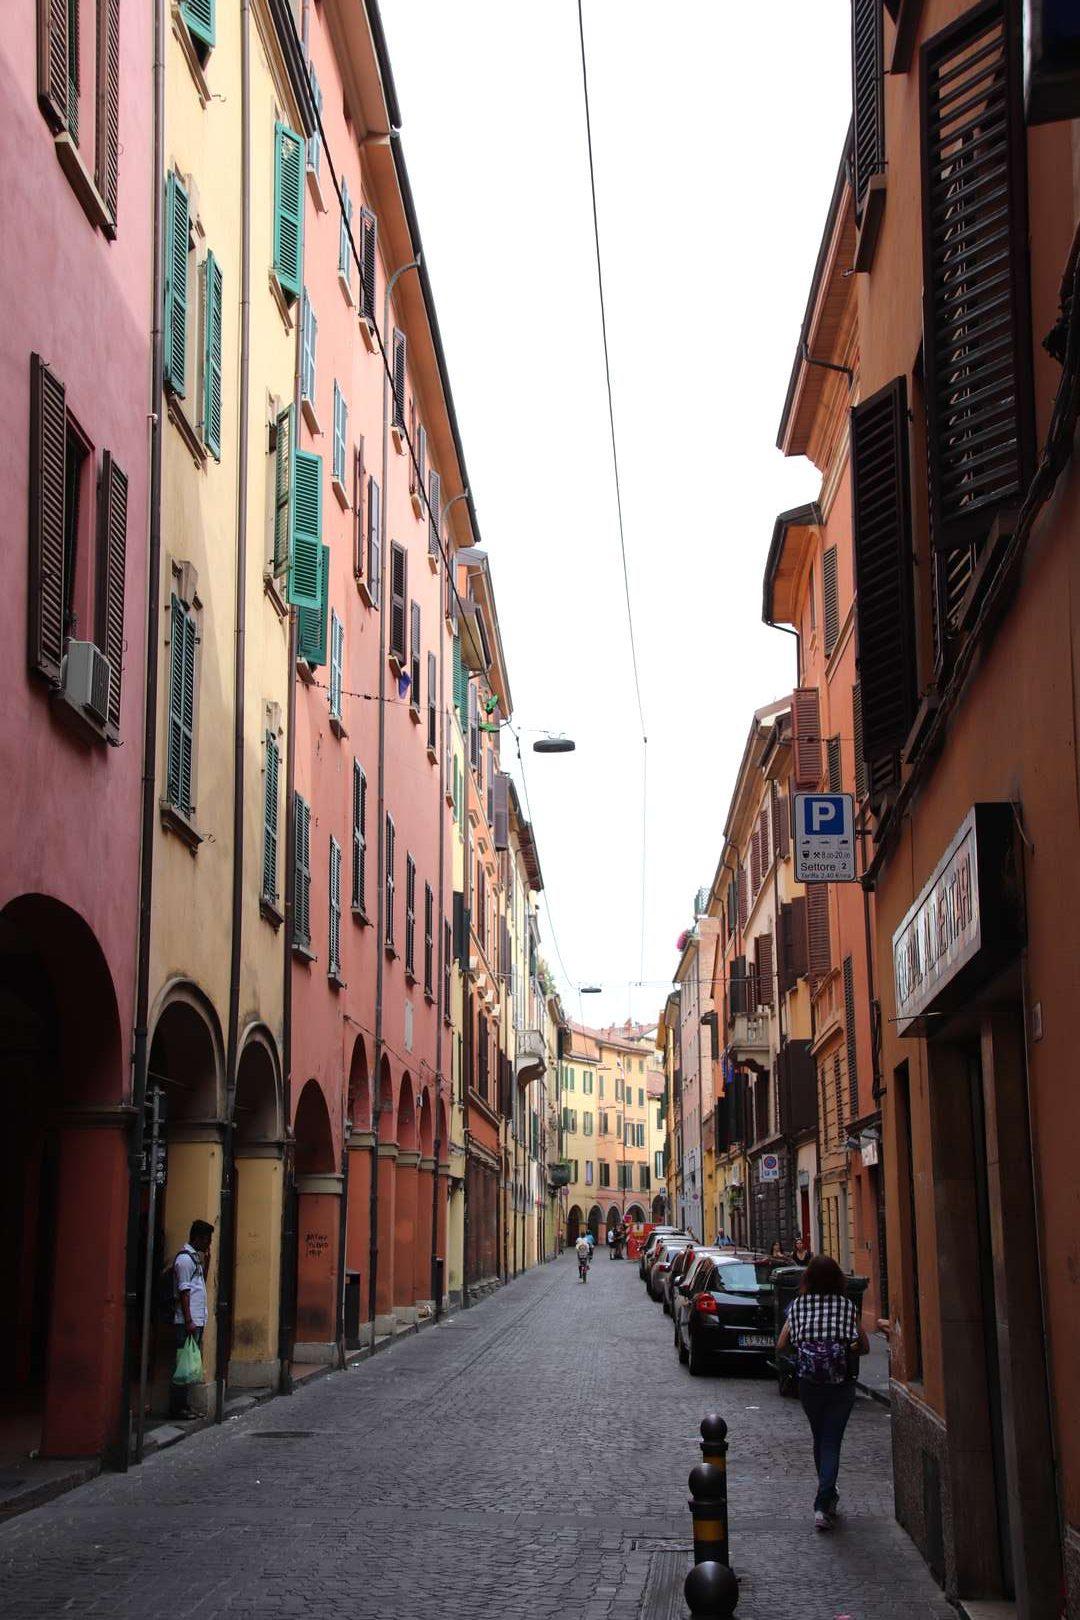 Italie - Ruelle colorée de Bologne